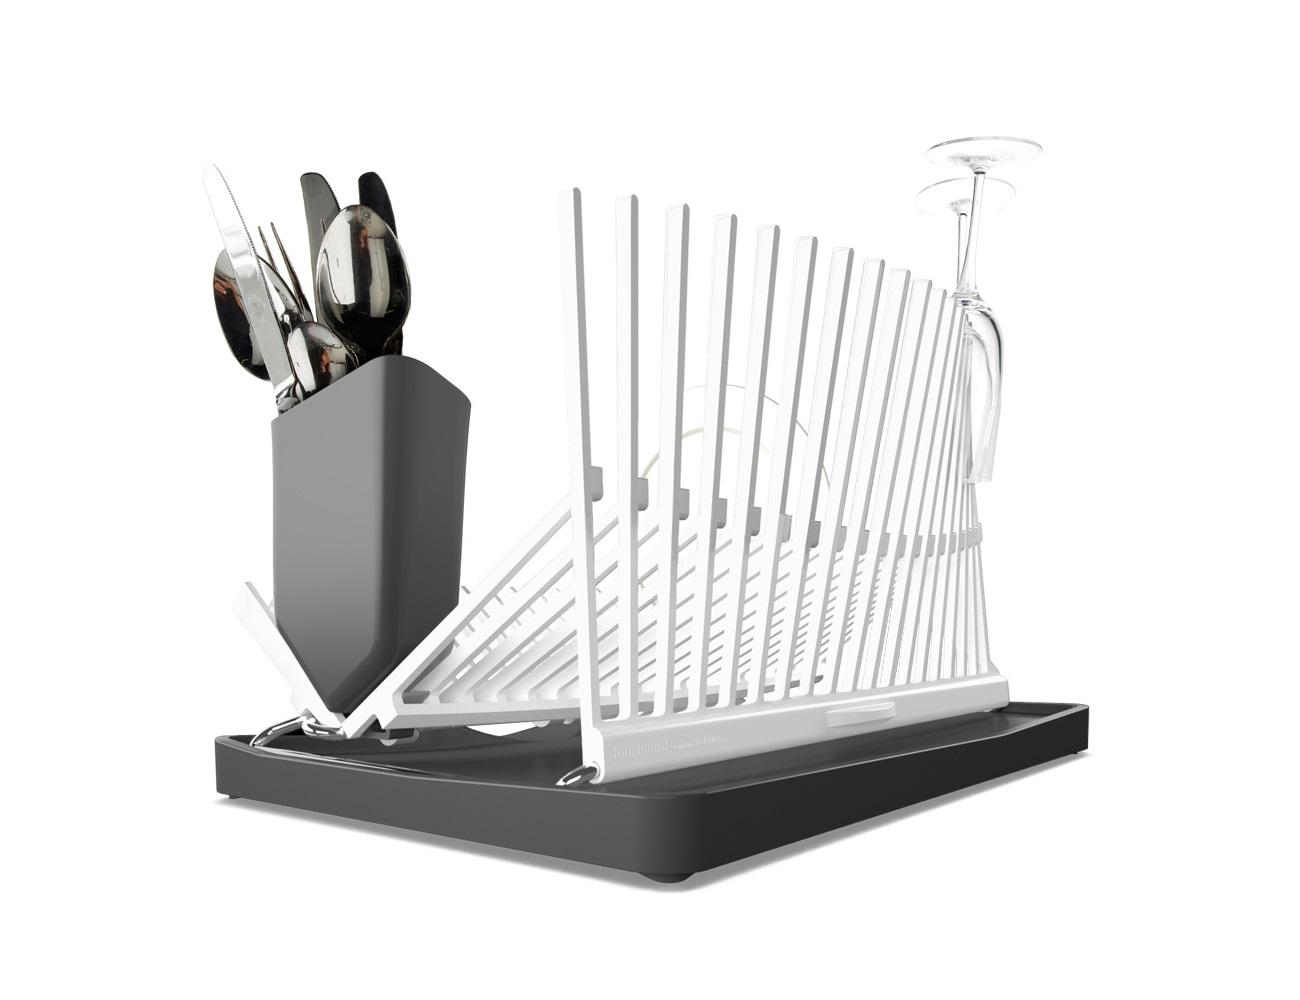 Сушилка forminimalПодставки и доски<br>Подставка, напоминающая архитектурные силуэты, одинаково стильная и функциональная. Вода с посуды скапливается в специальном поддоне, который легко чистится. Вертикальные держатели подойдут как для хрупких стаканов, так и для тяжёлых сковород. Можно мыть всю конструкцию в посудомоечной машине.<br><br>Material: Пластик<br>Length см: None<br>Width см: 47,5<br>Depth см: 31<br>Height см: 43